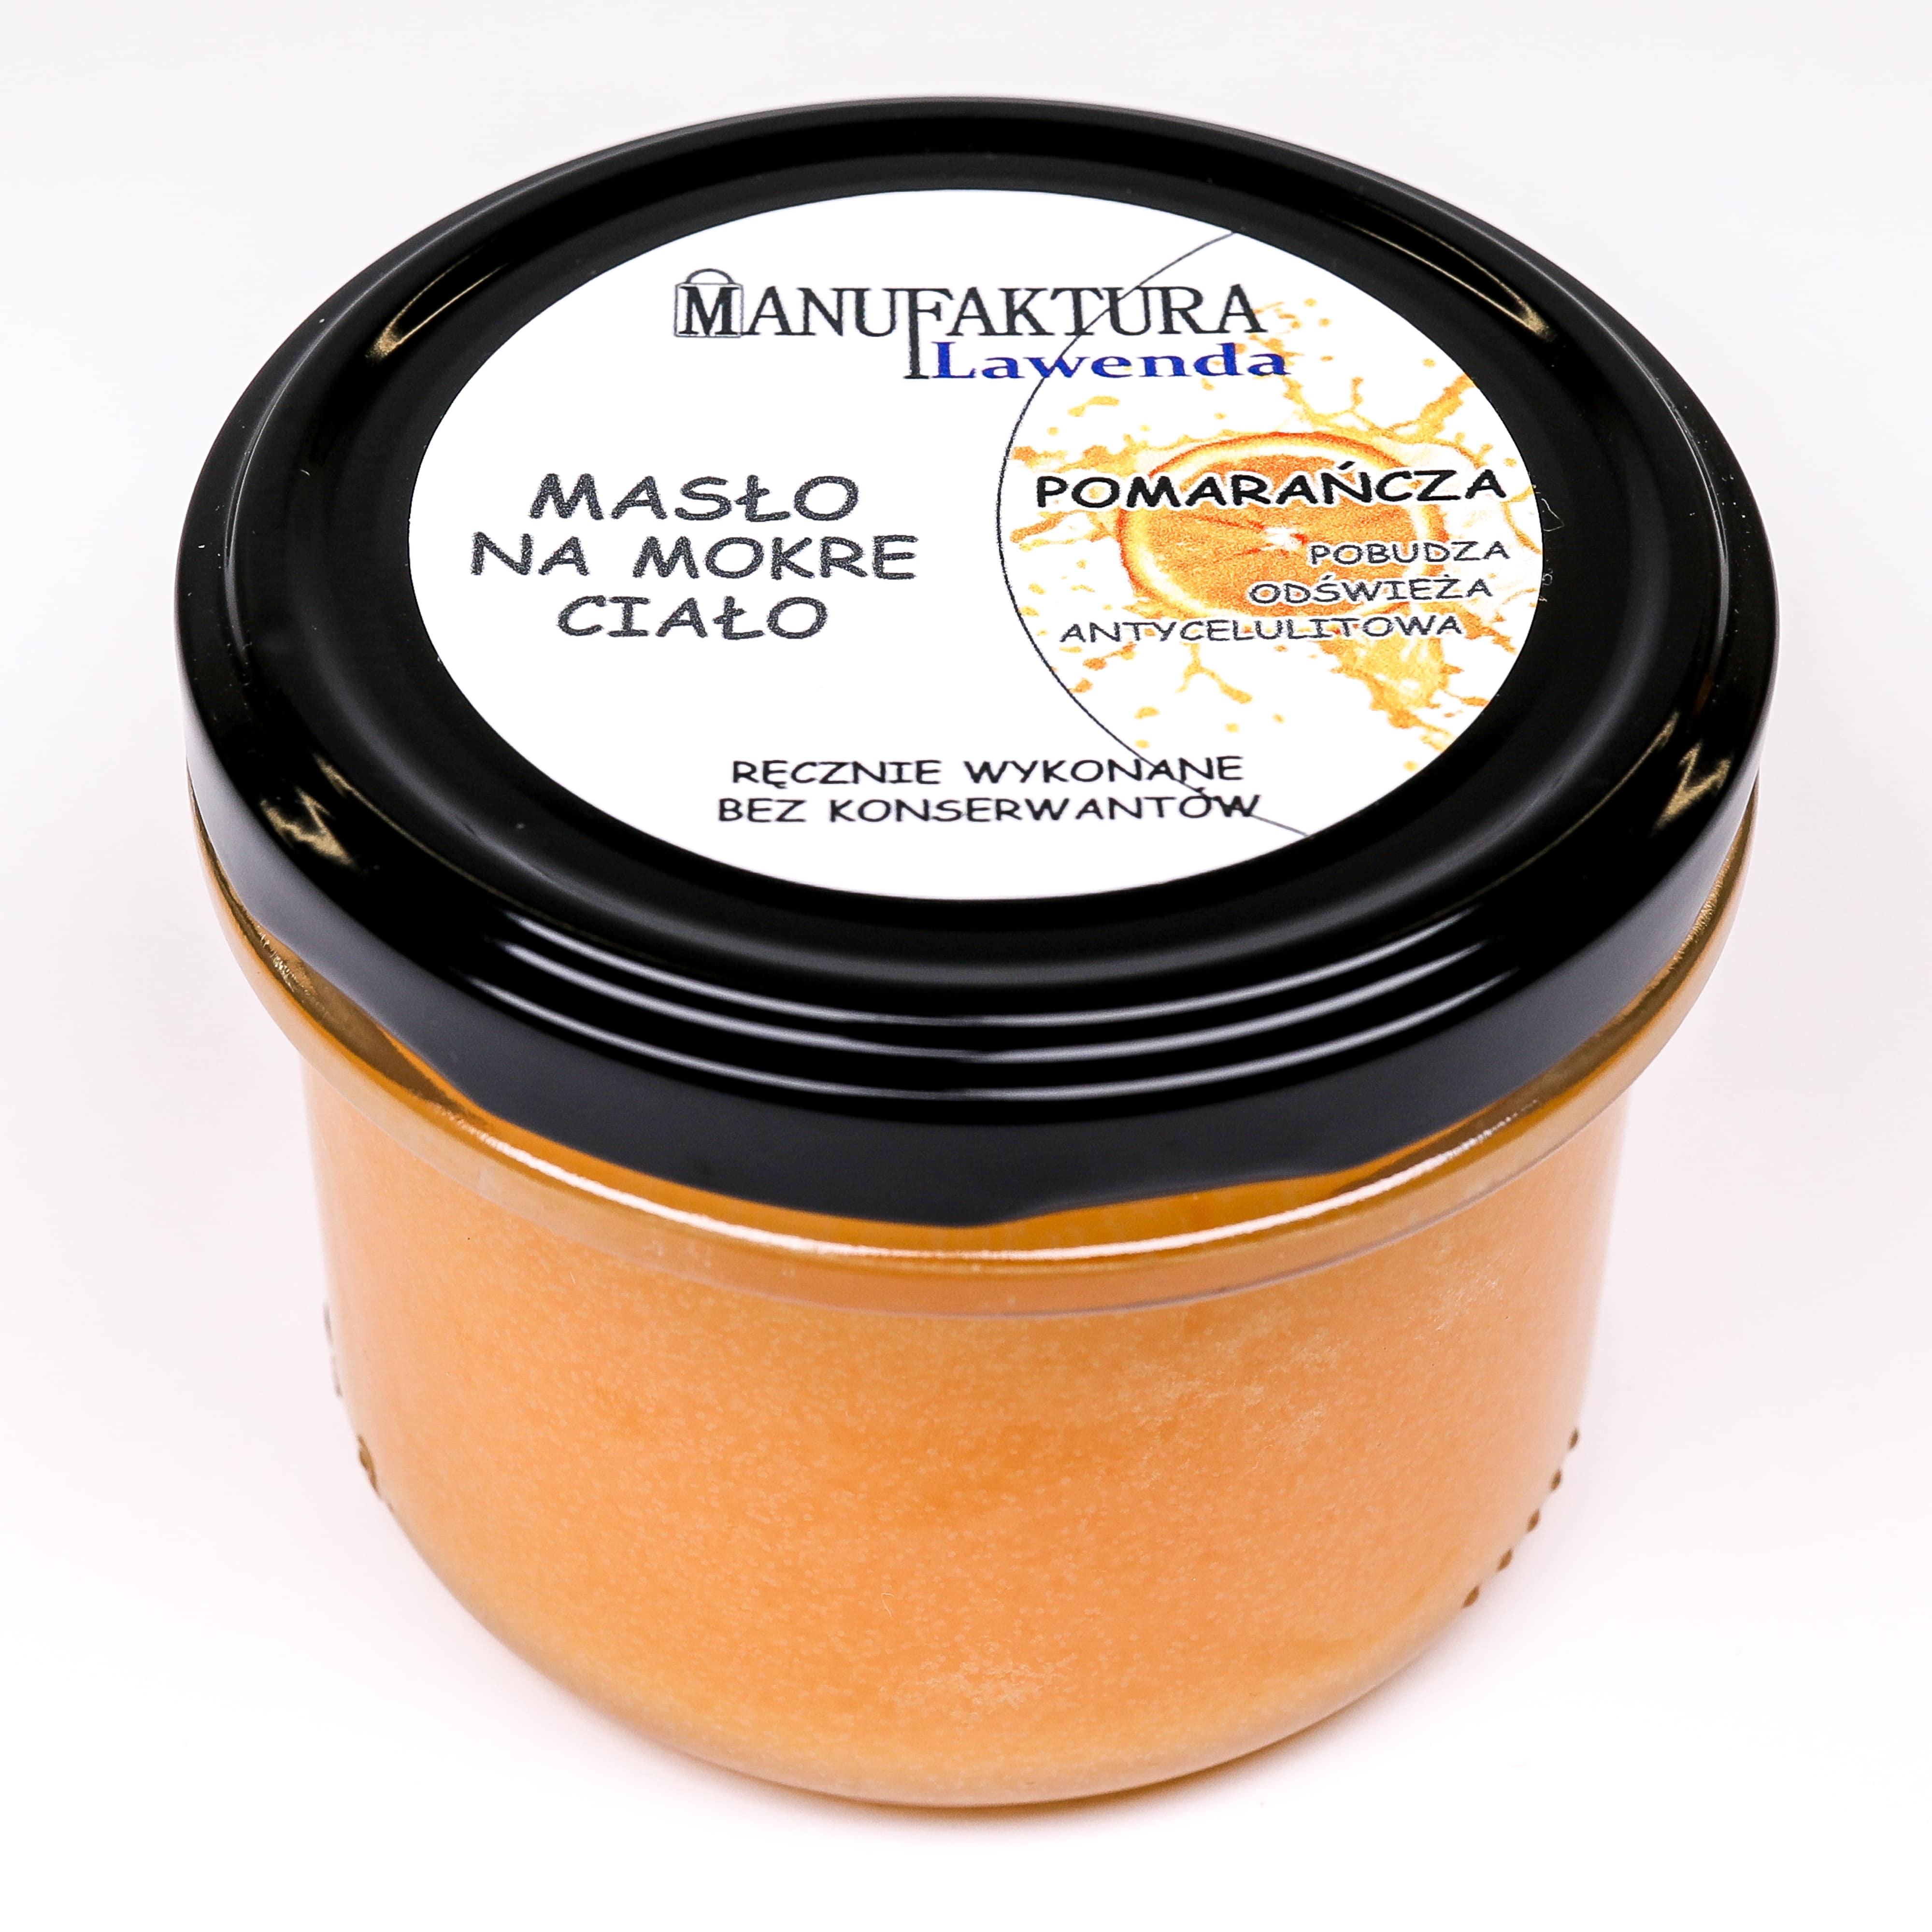 Pomarańczowe_maslo_do_ciala